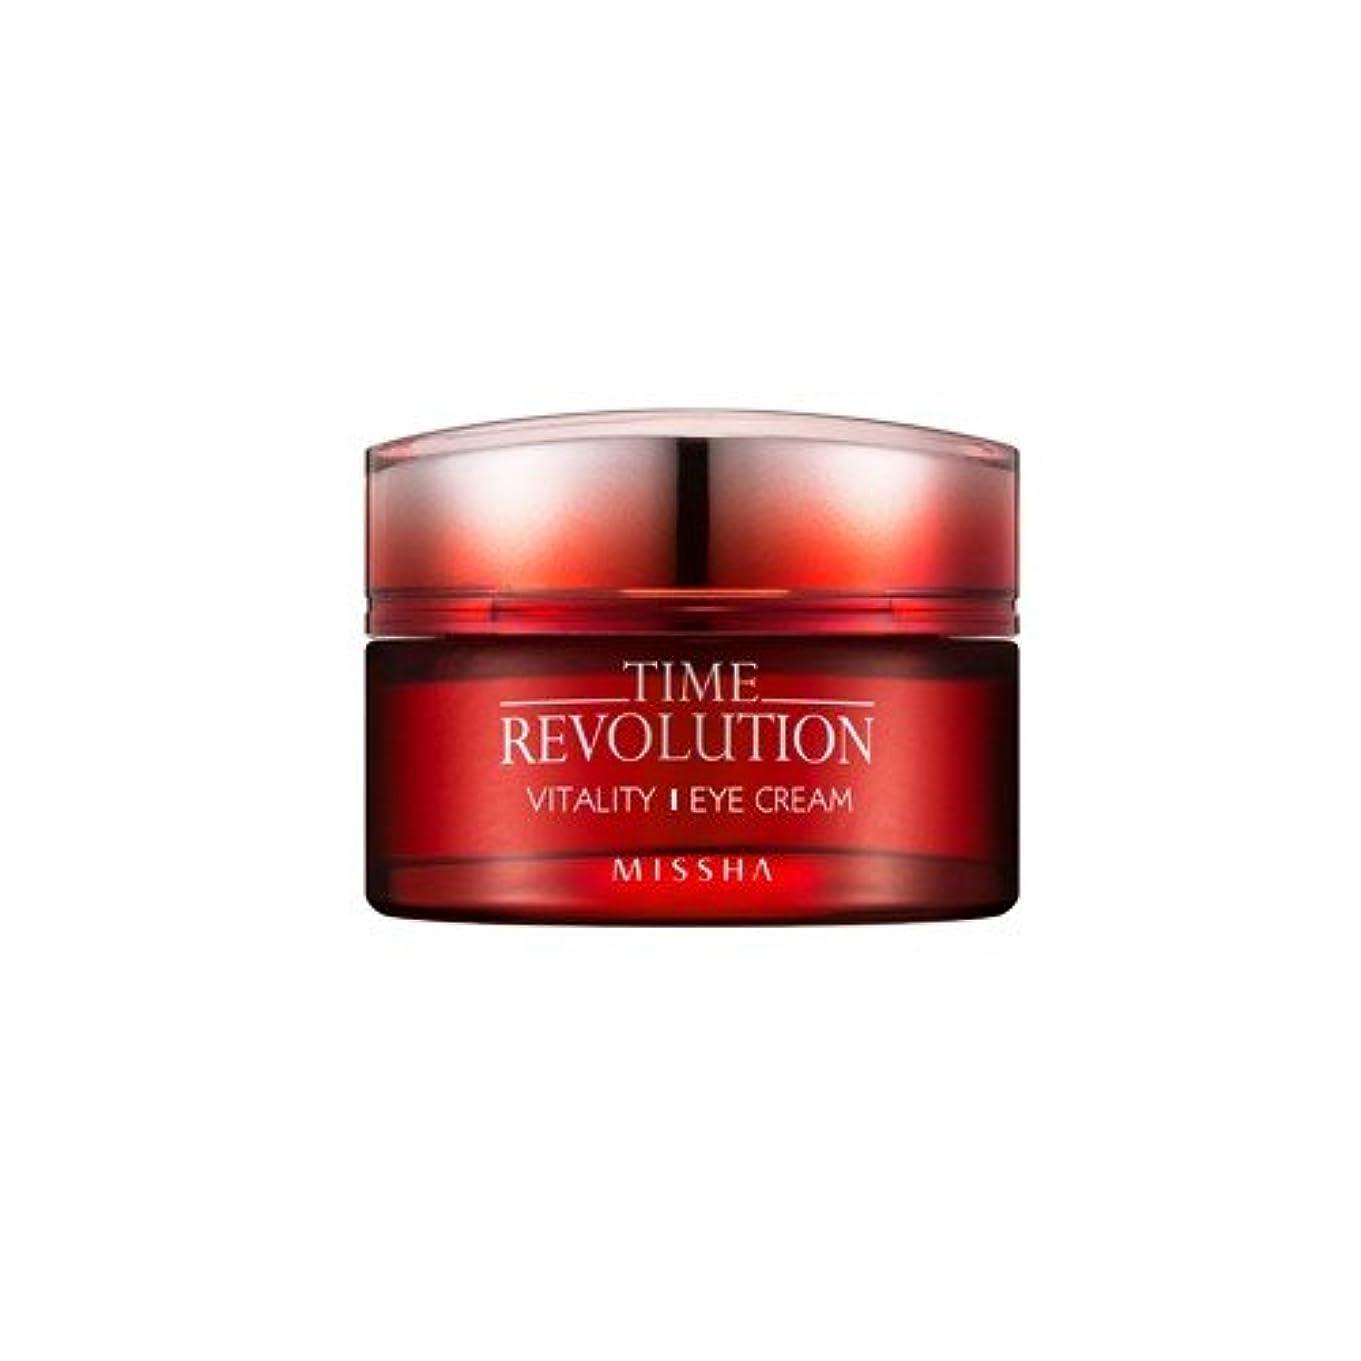 作者テニスうなずくMISSHA time revolution vitality eye cream (ミシャ タイムレボリューション バイタリティー アイクリーム)25ml